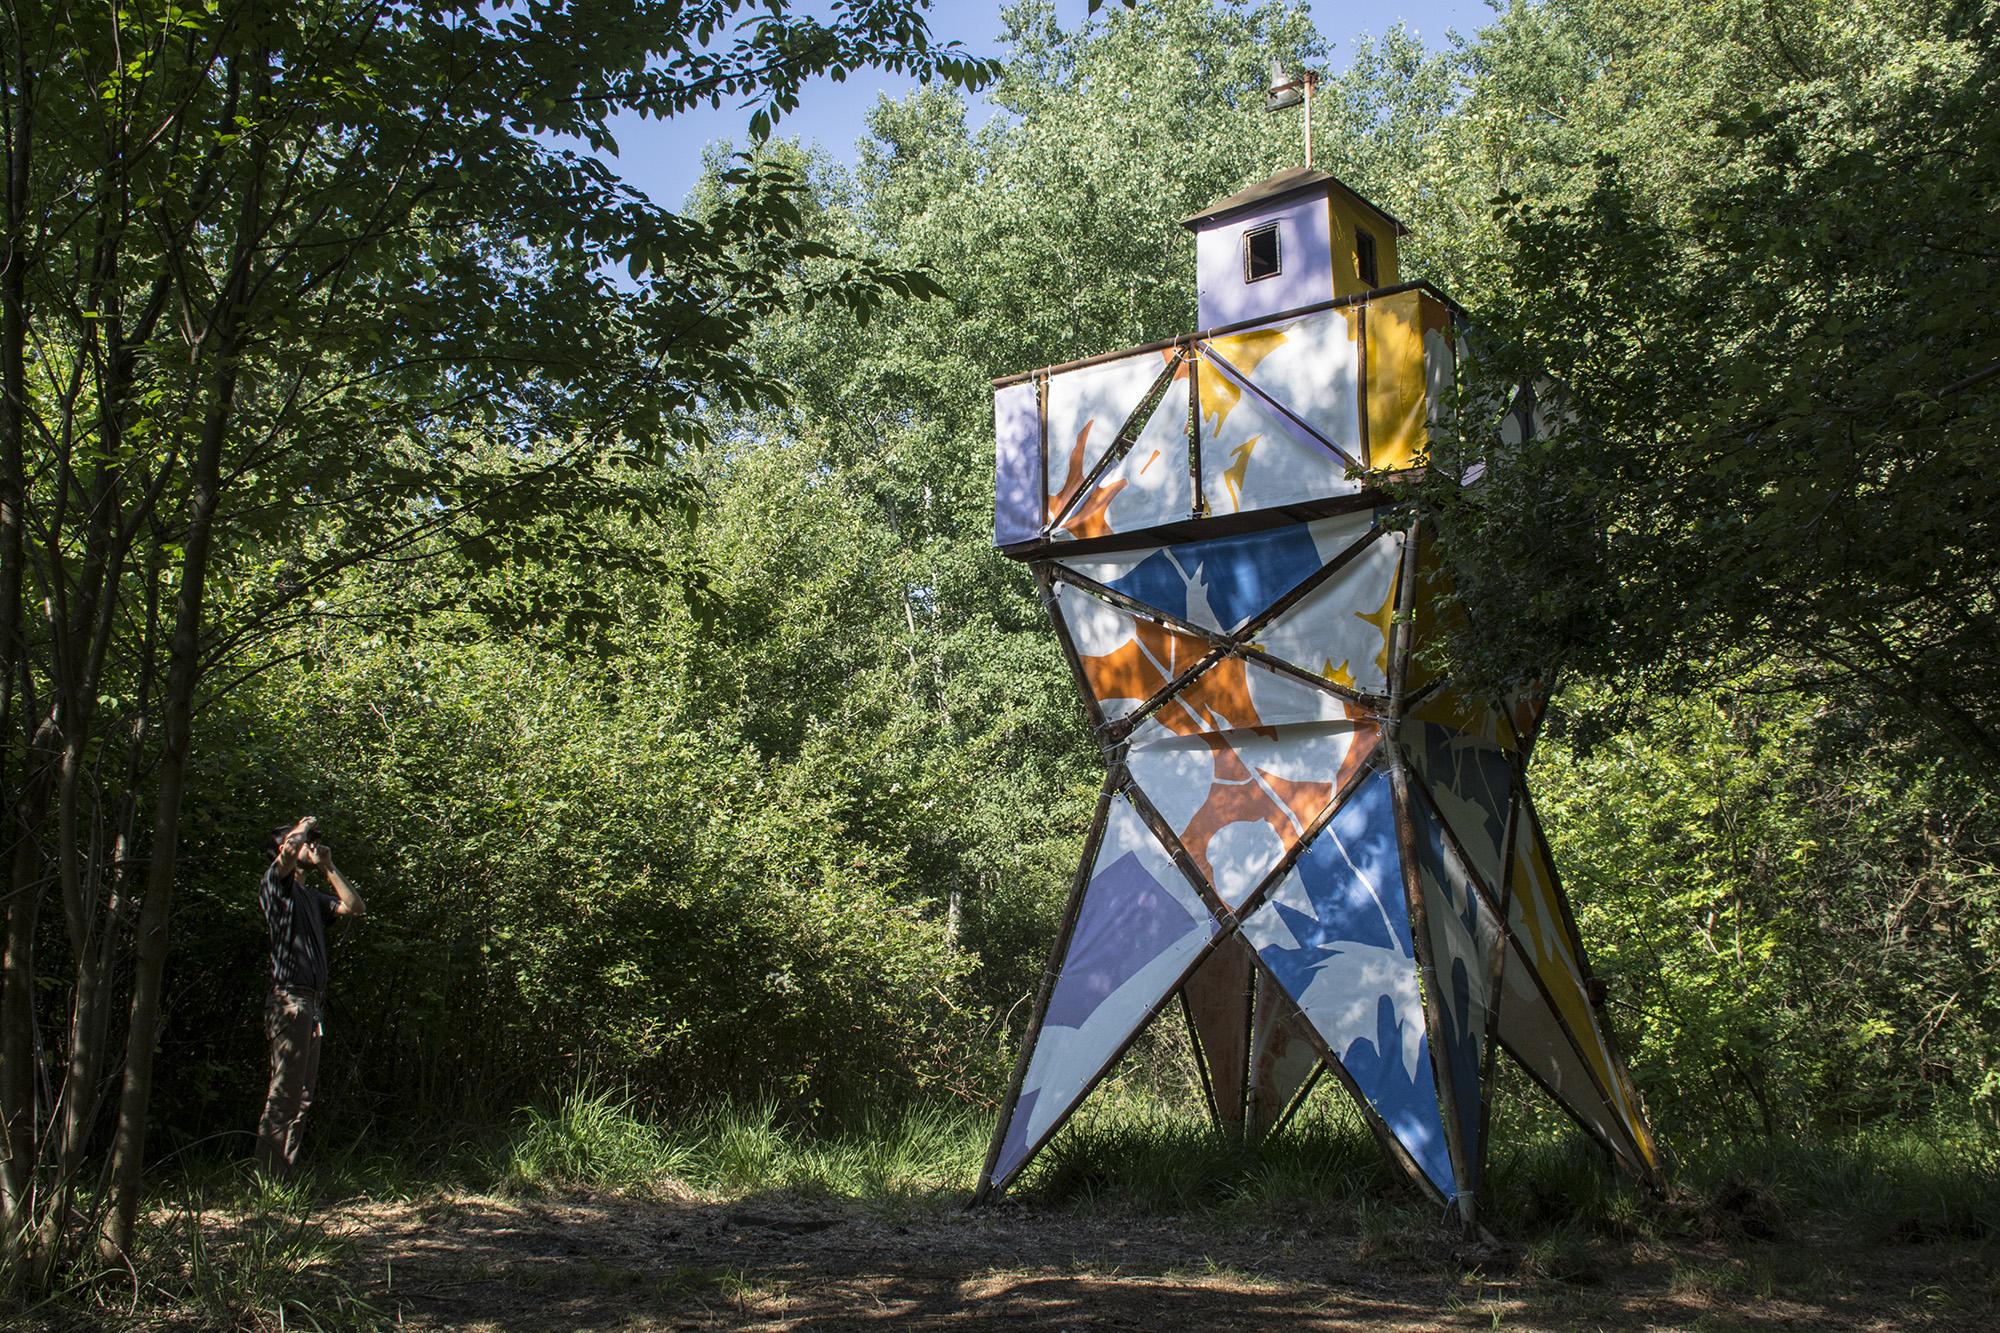 Dilen Tigreblu Parco delle Groane SHOT - Inneschi Contemporanei in Polveriera